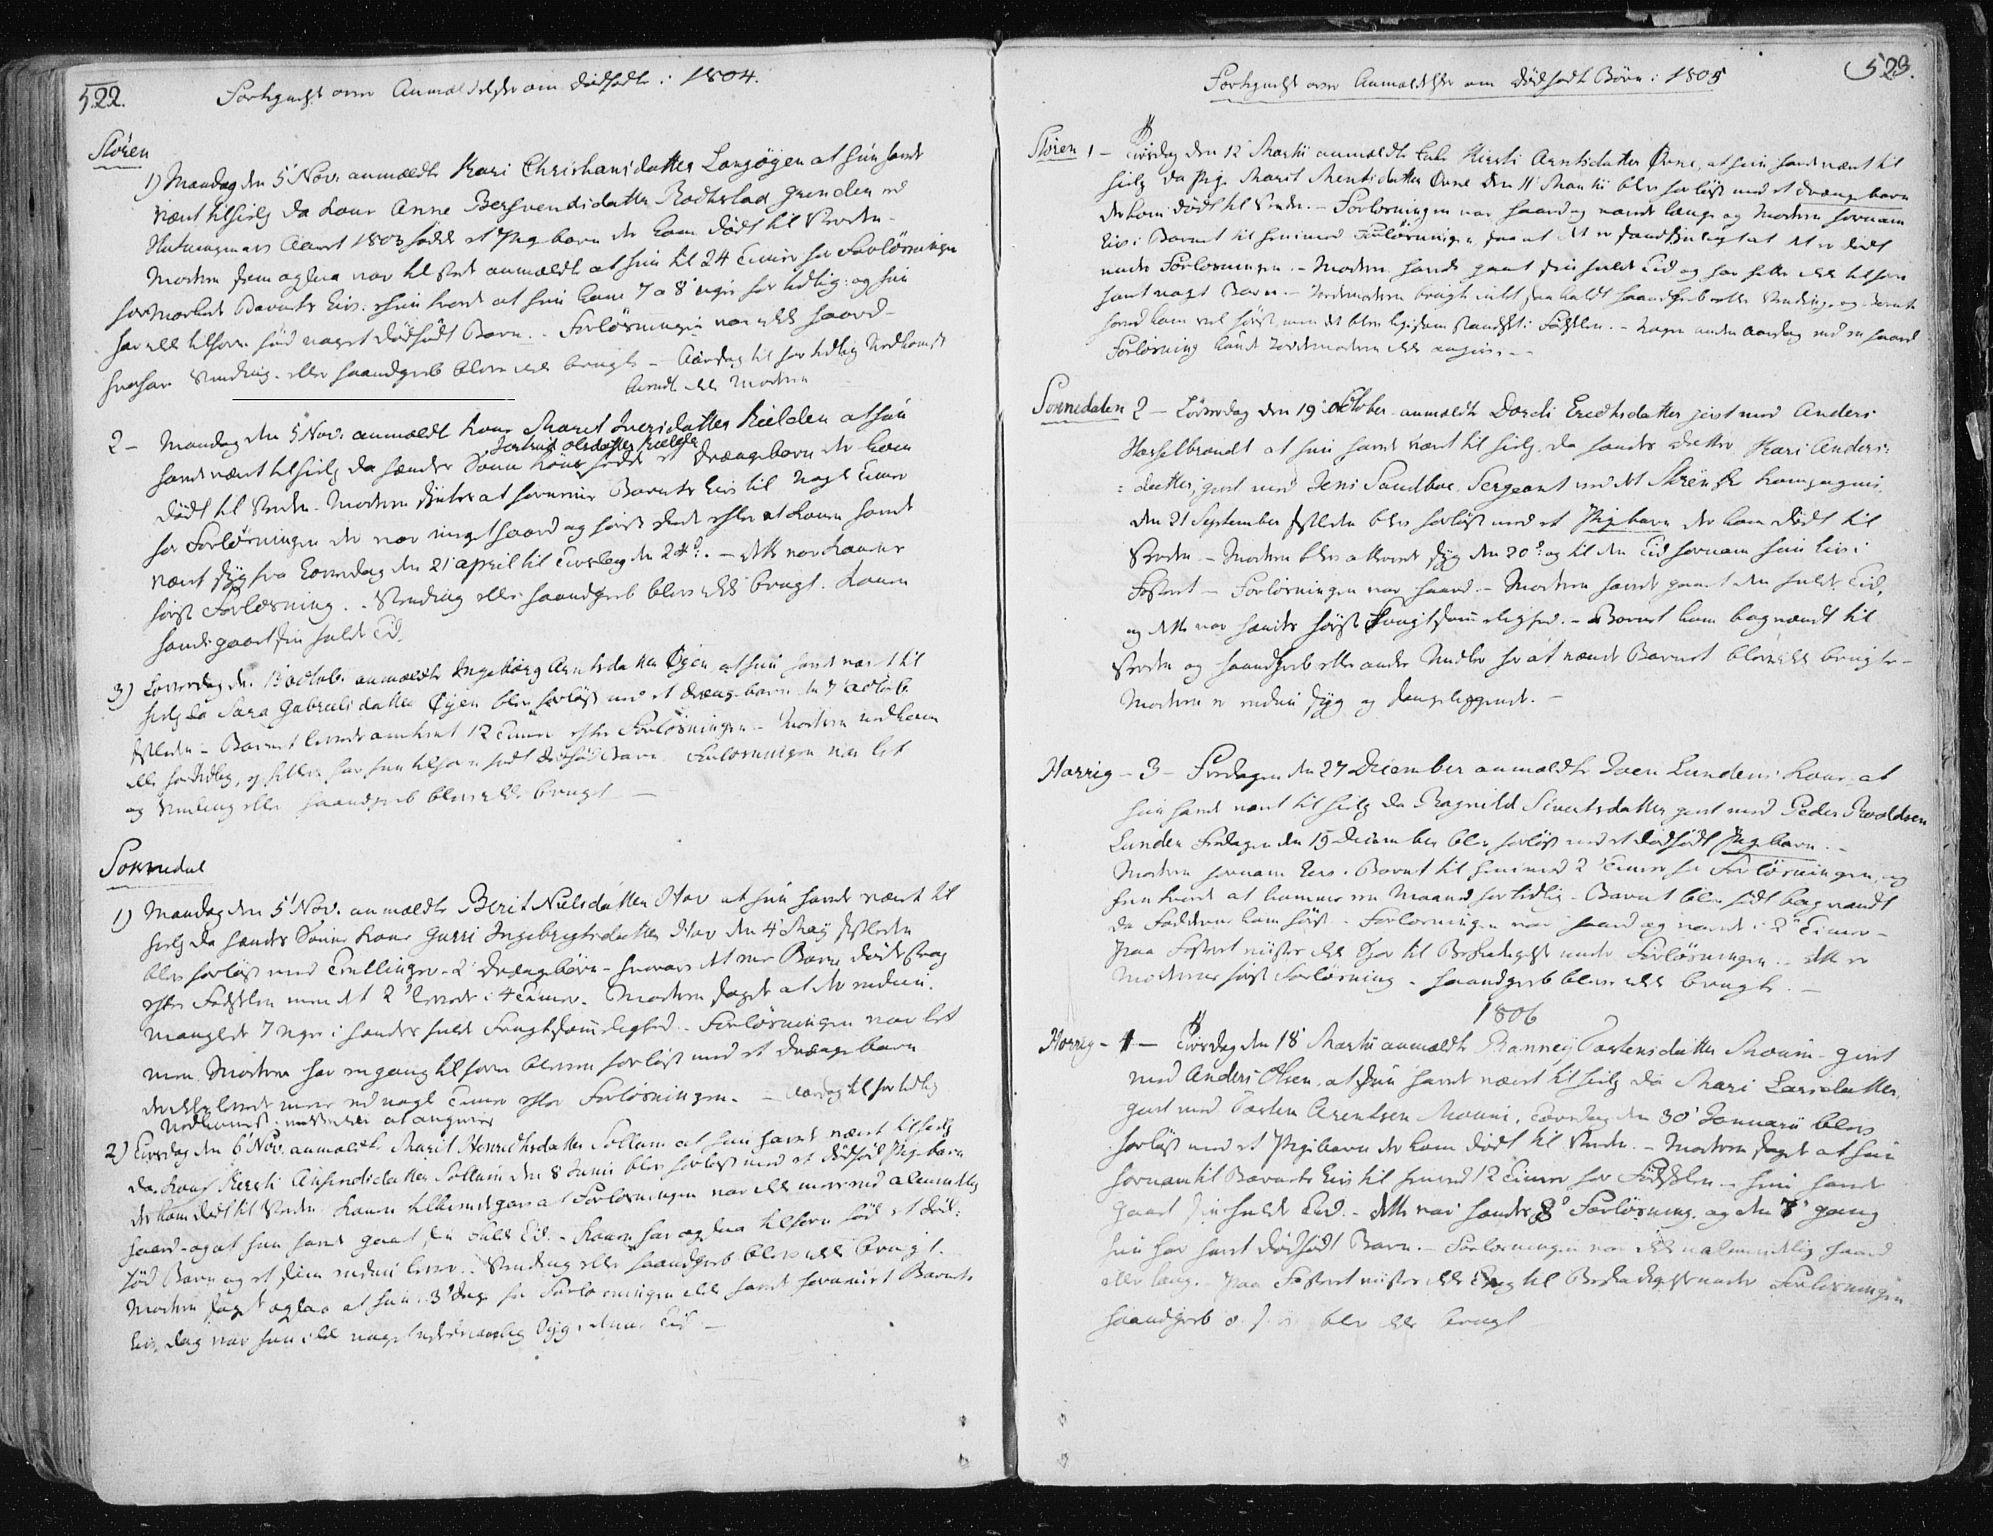 SAT, Ministerialprotokoller, klokkerbøker og fødselsregistre - Sør-Trøndelag, 687/L0992: Ministerialbok nr. 687A03 /1, 1788-1815, s. 522-523